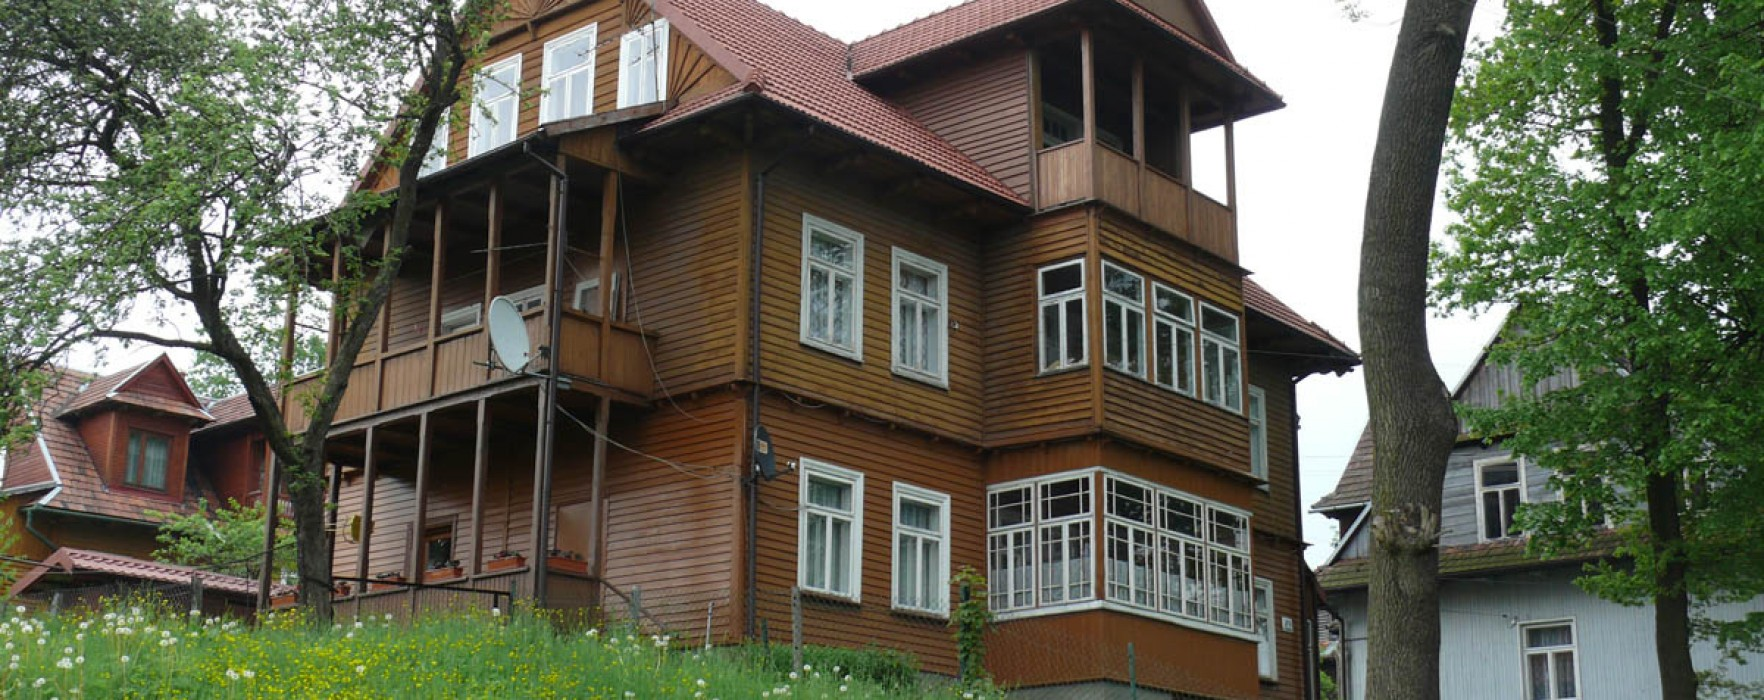 Isolare una vecchia casa in legno for Comprare una casa di legno